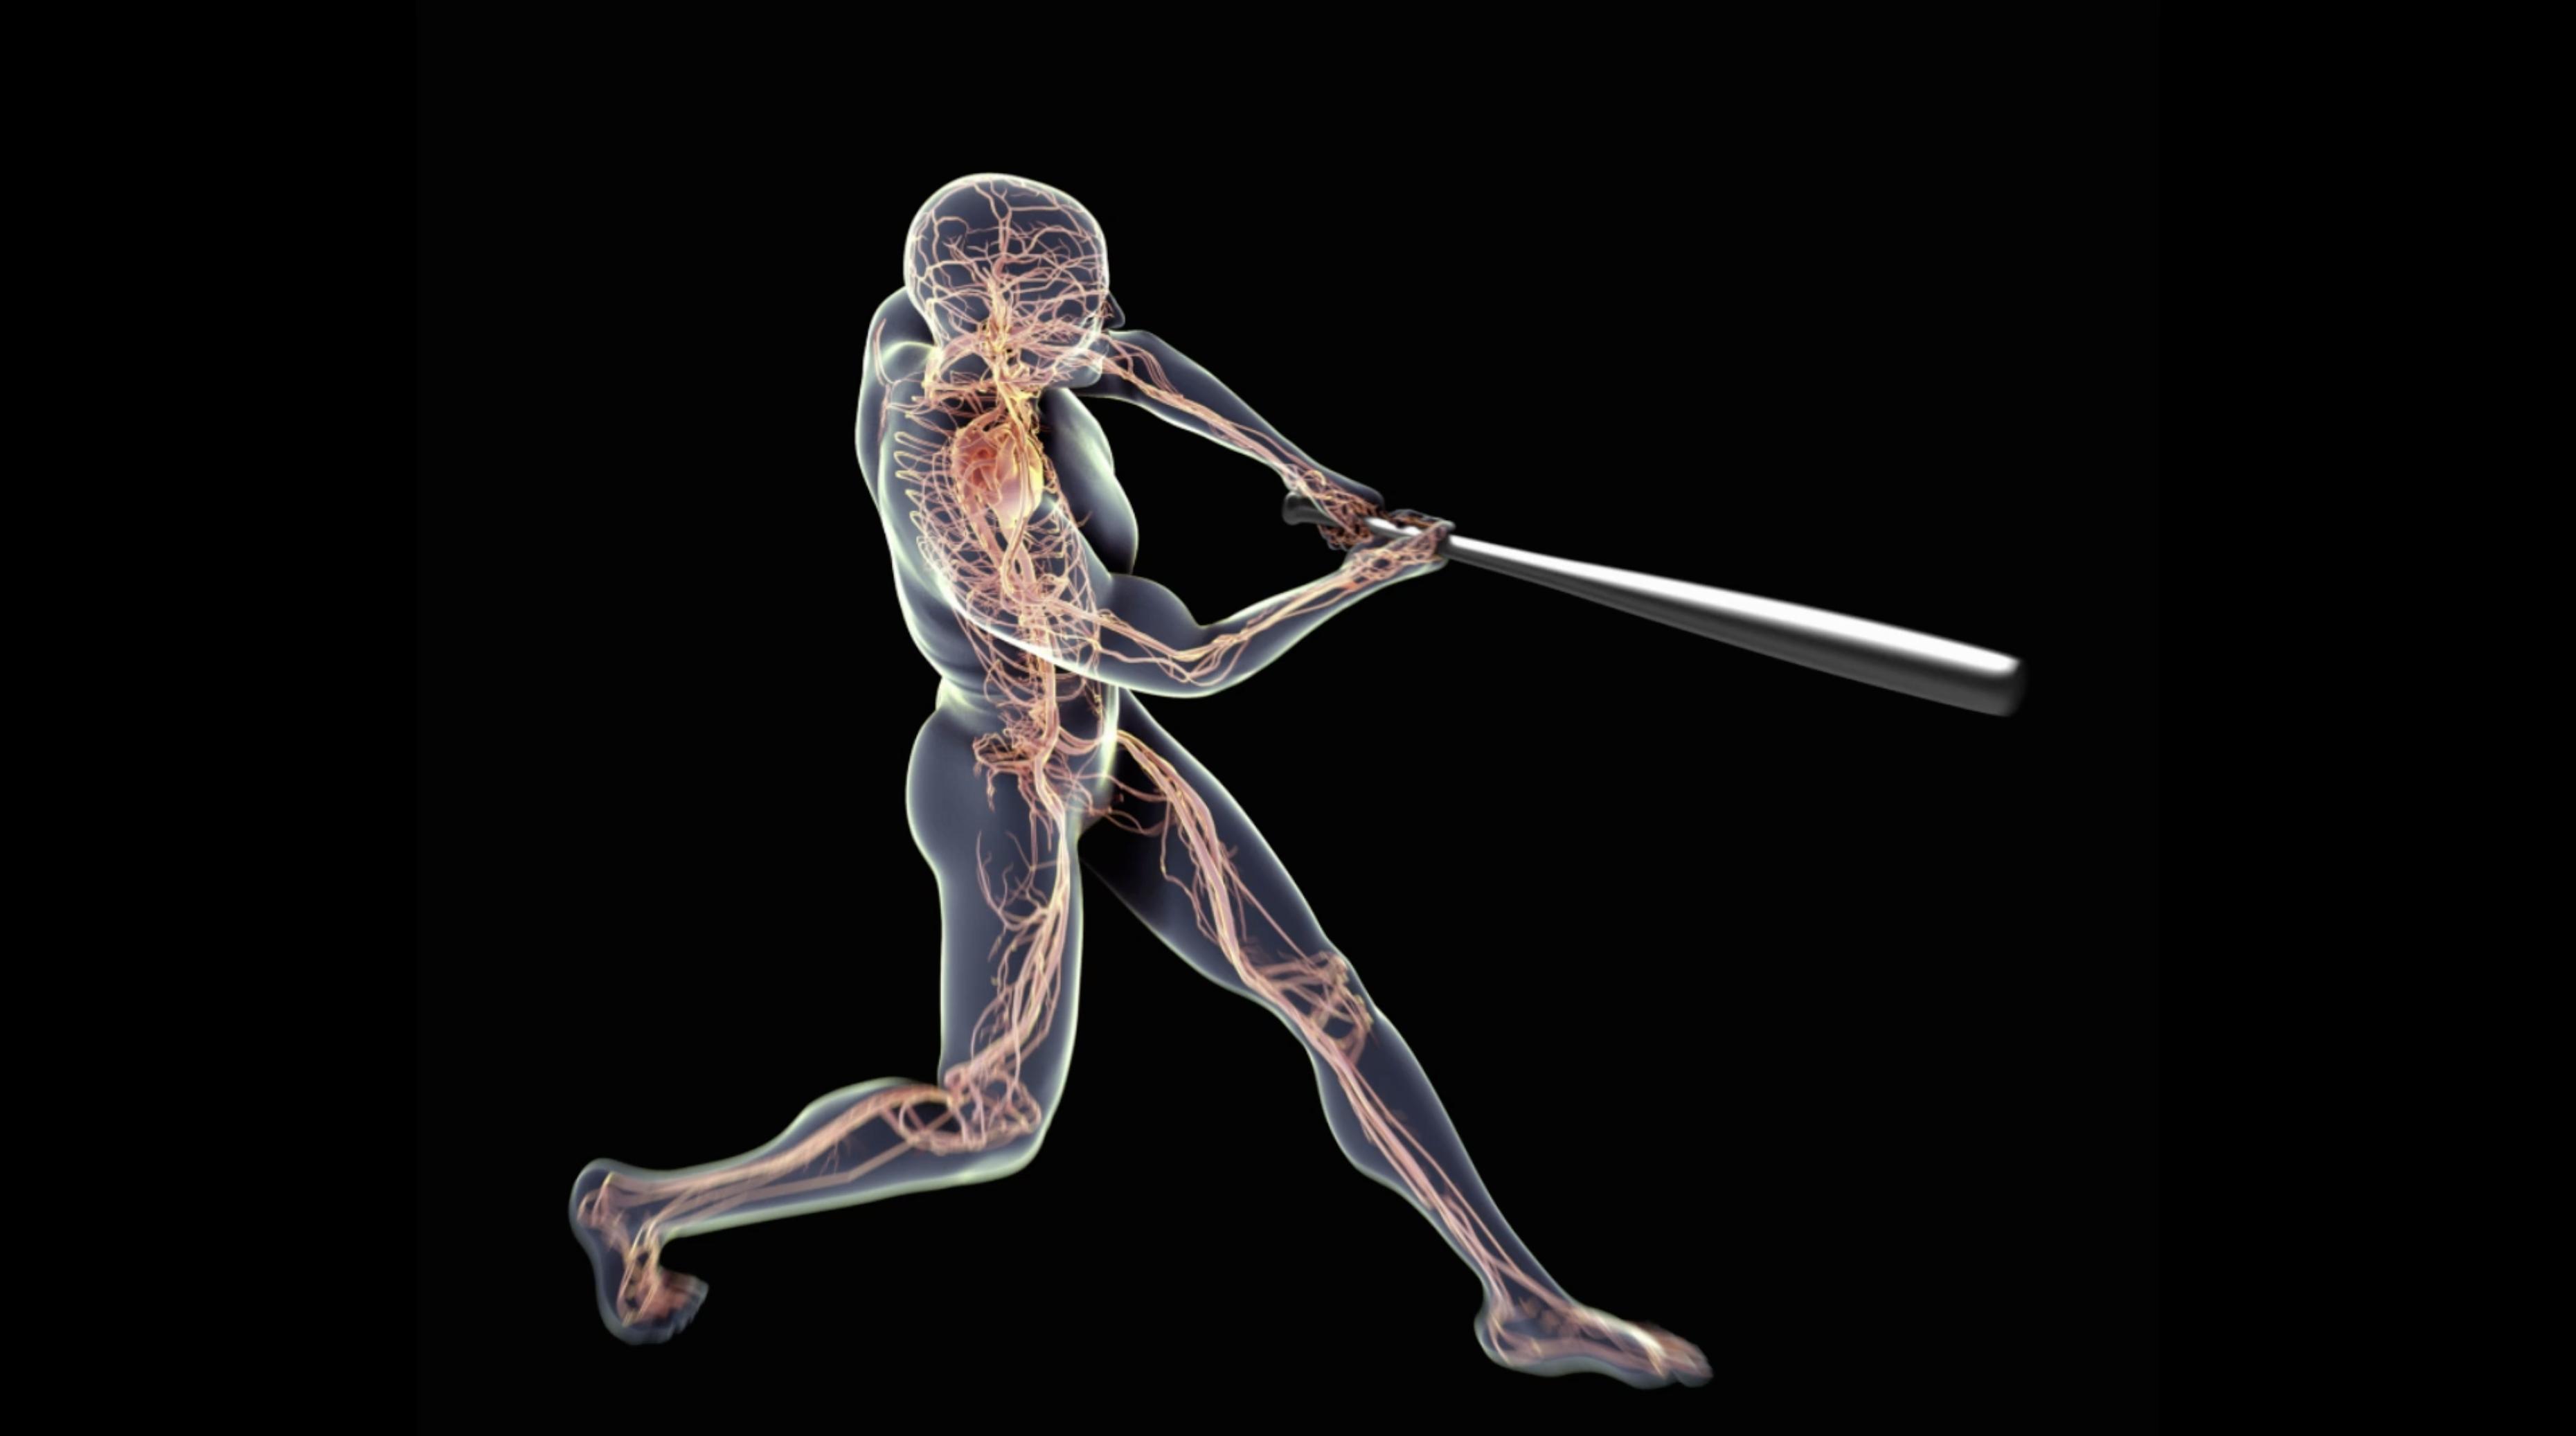 Medical Animation Spotlight